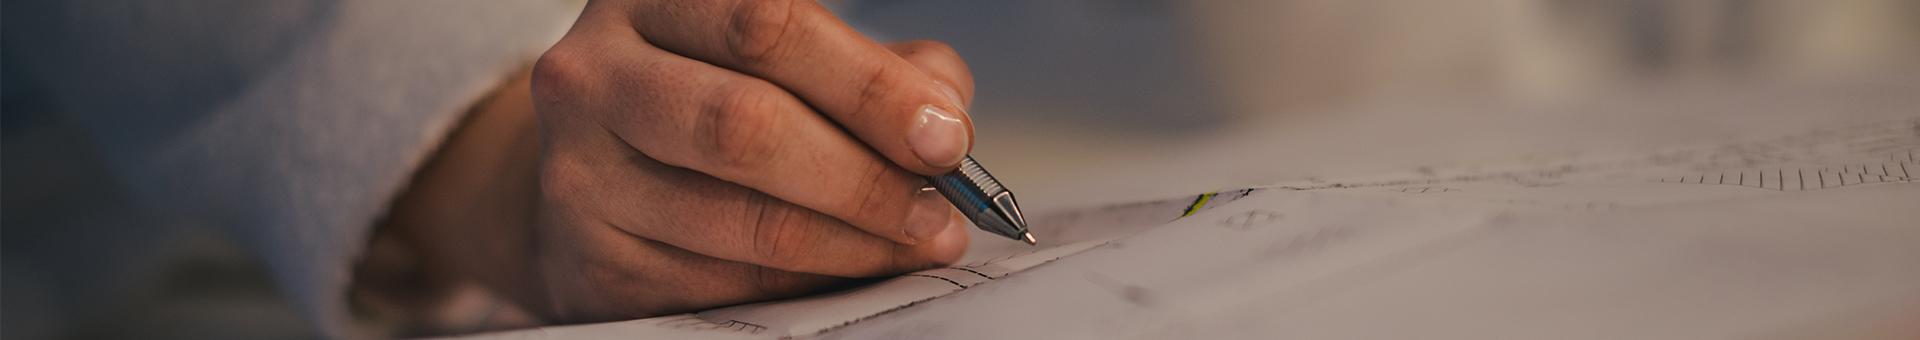 Dokumenty i wieczne pióro